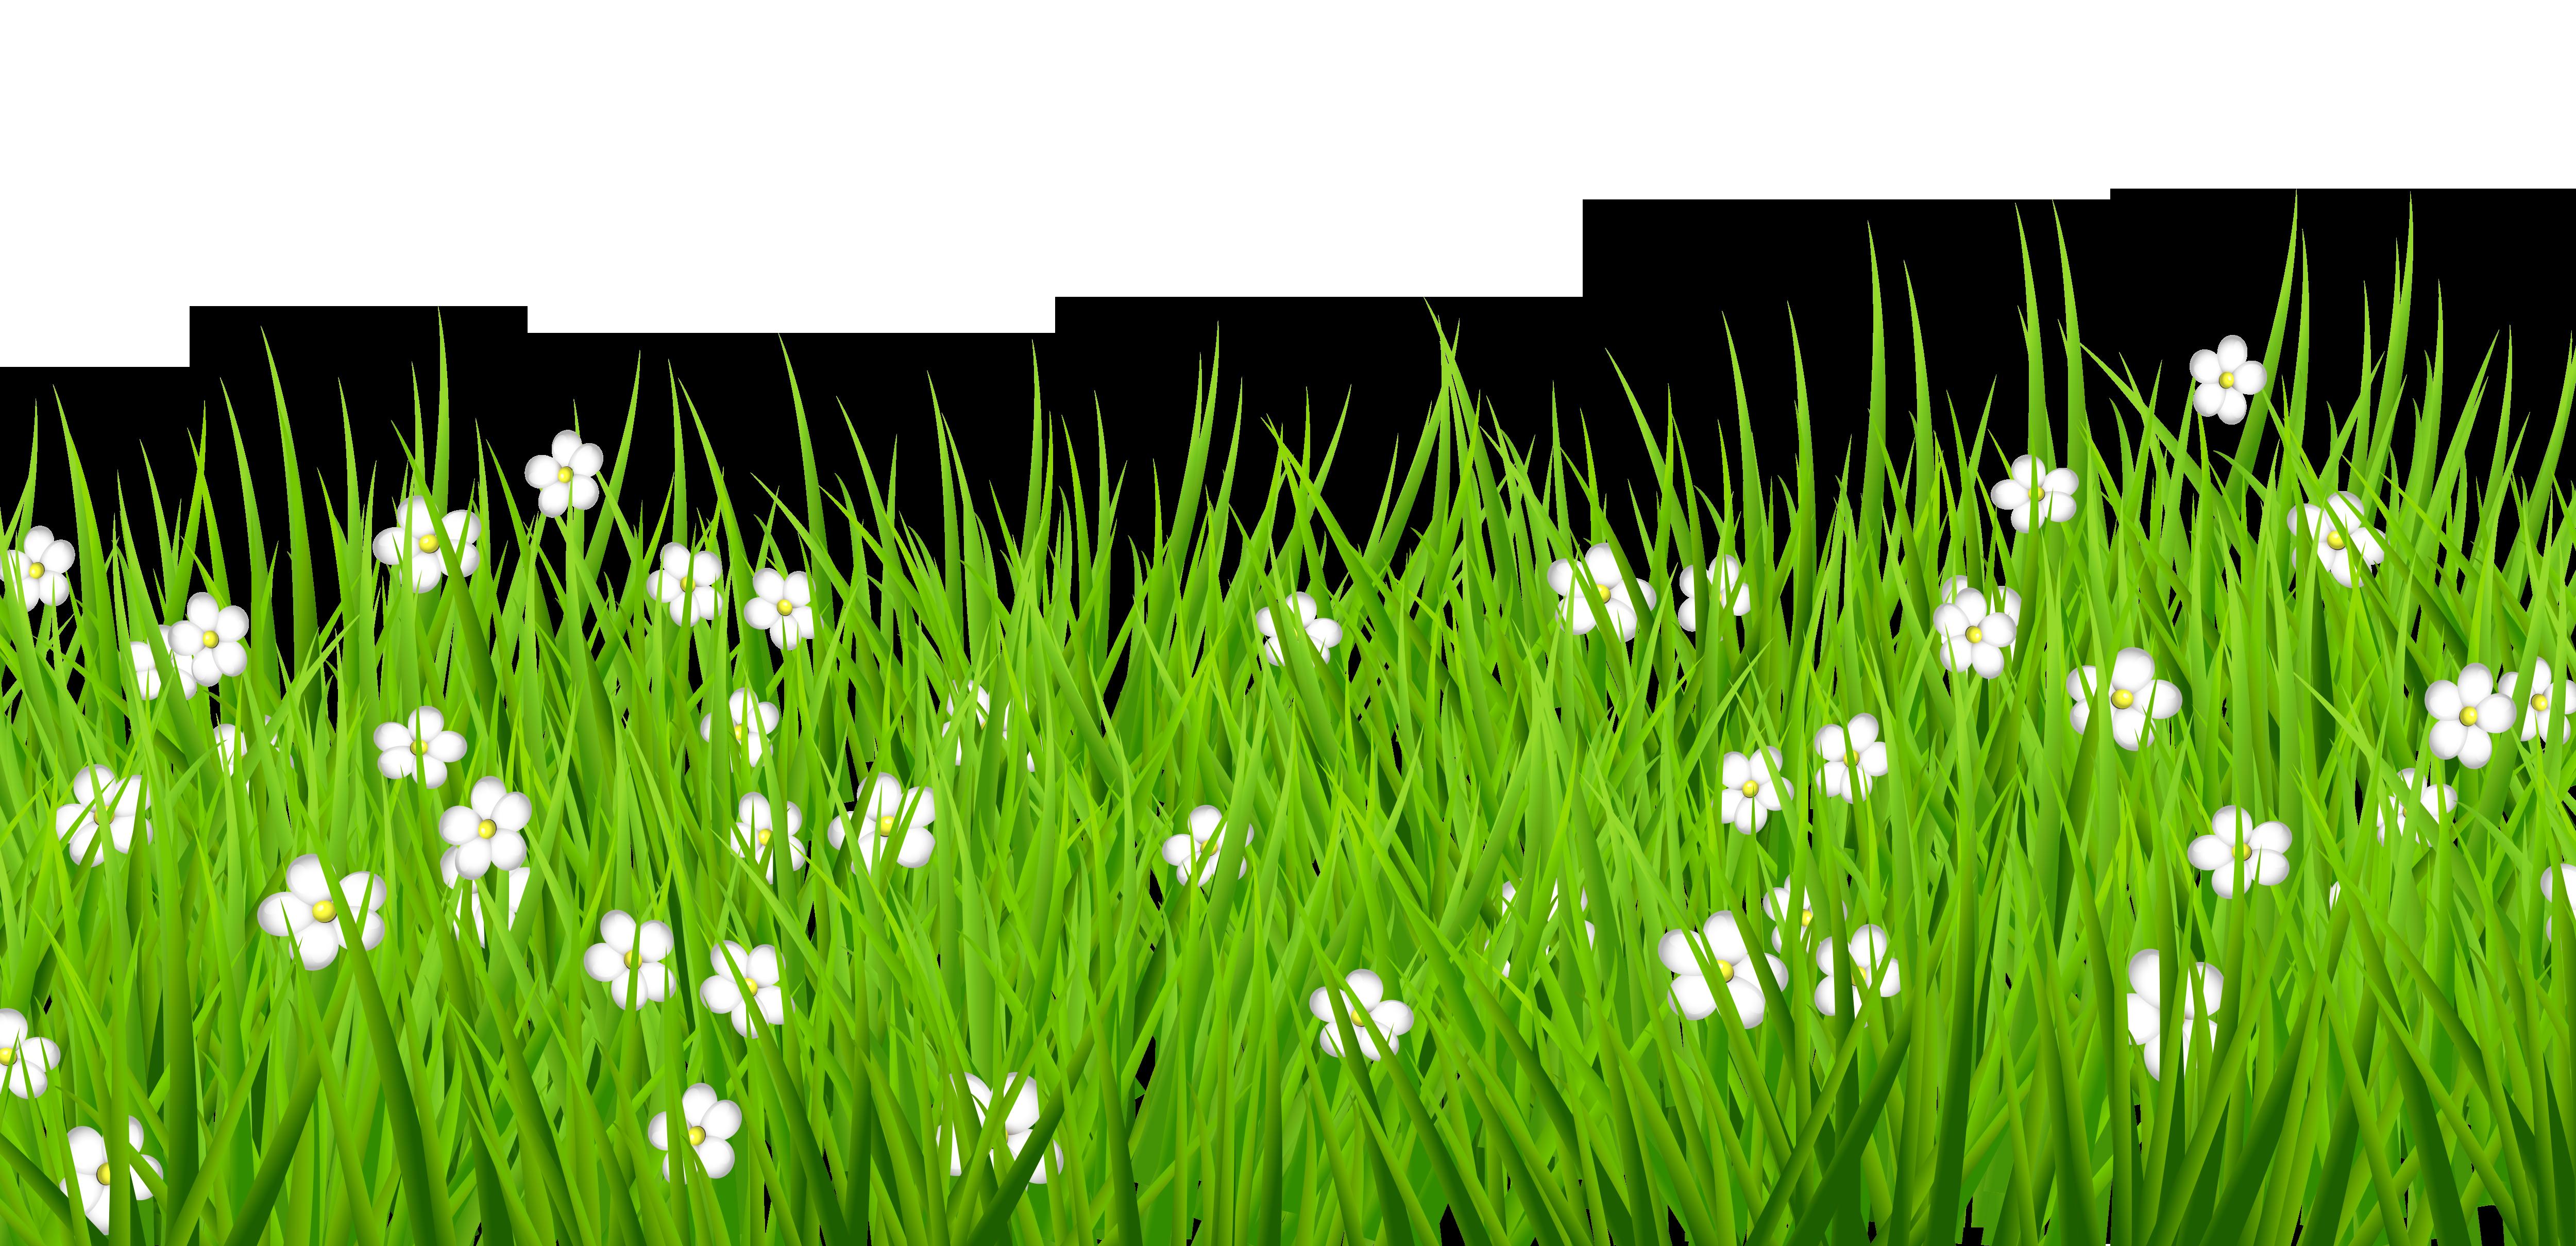 Grass clipart transparent